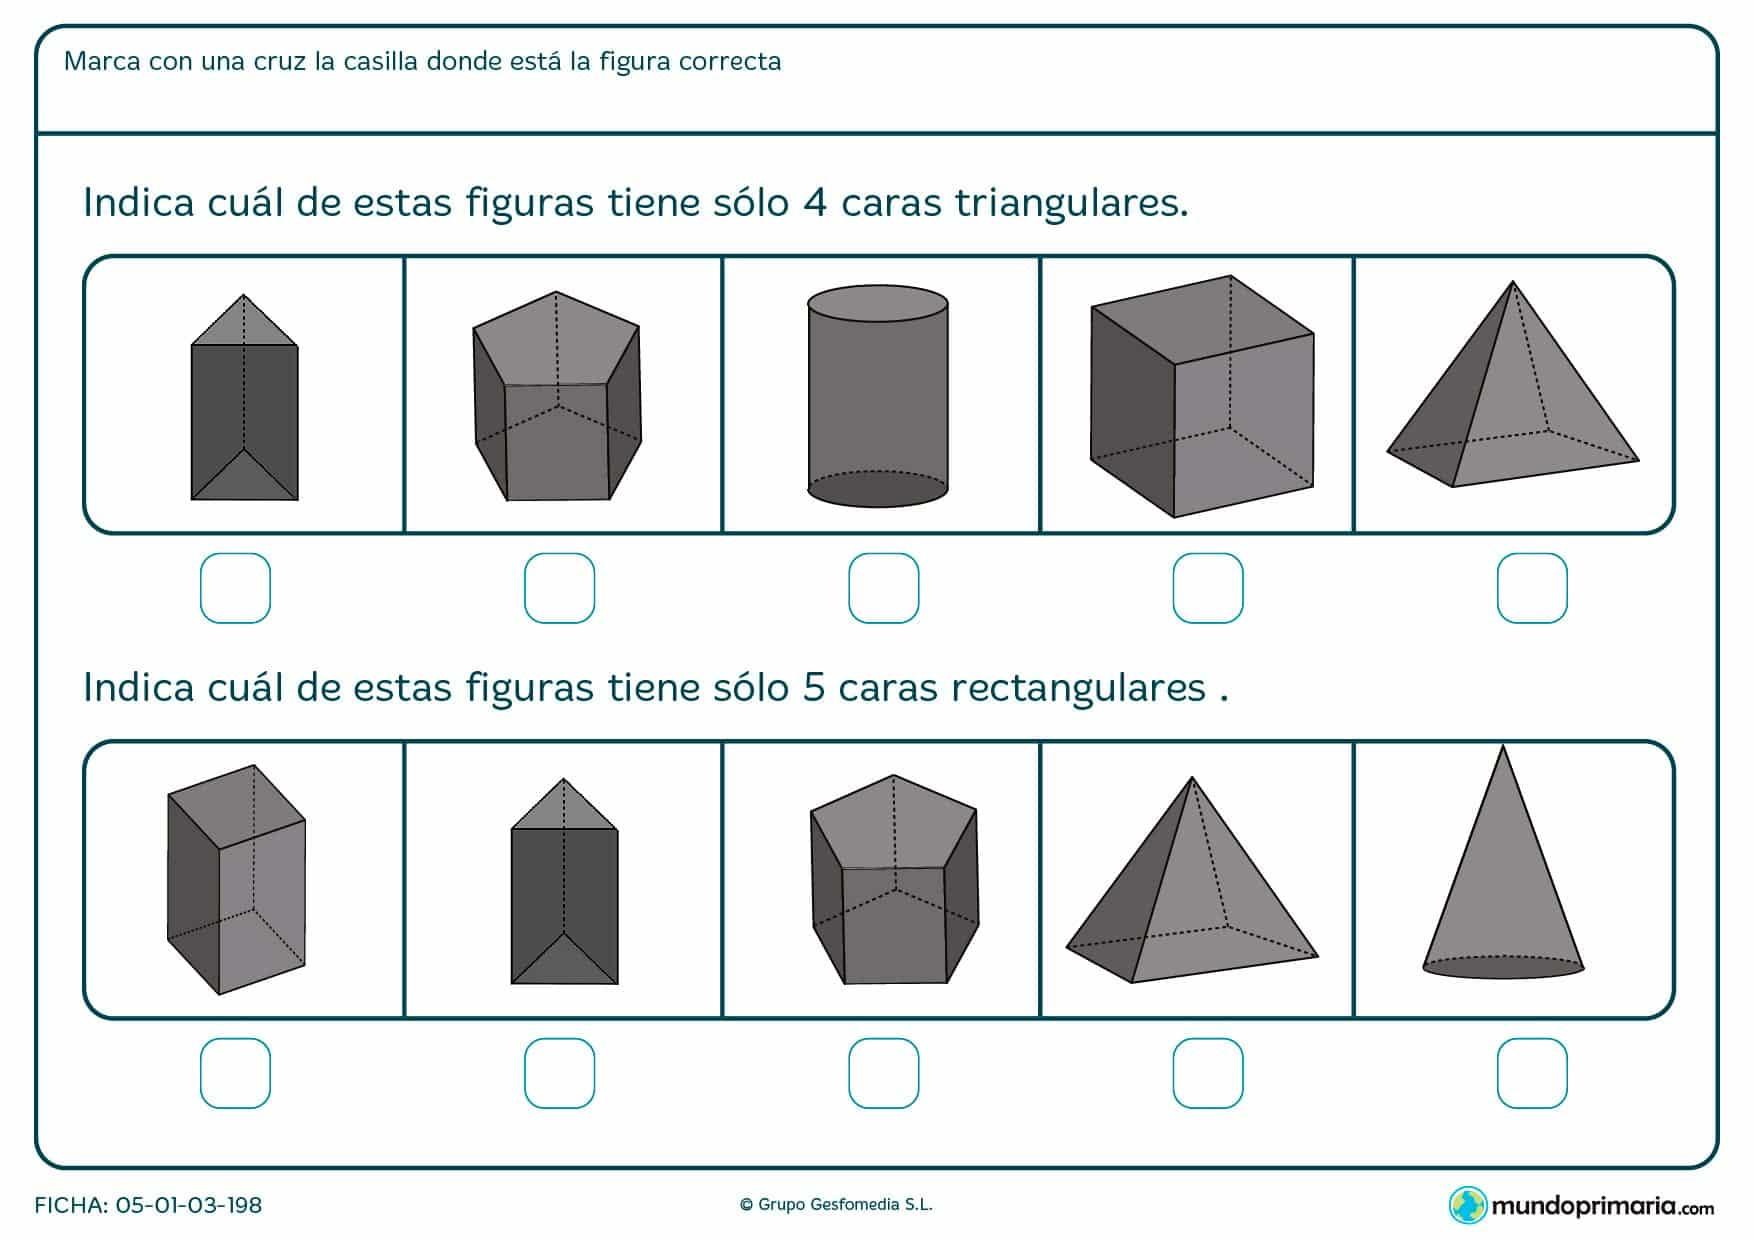 Indica cuáles de las figuras tienen 4 caras triangulares y 5 caras rectangulares.